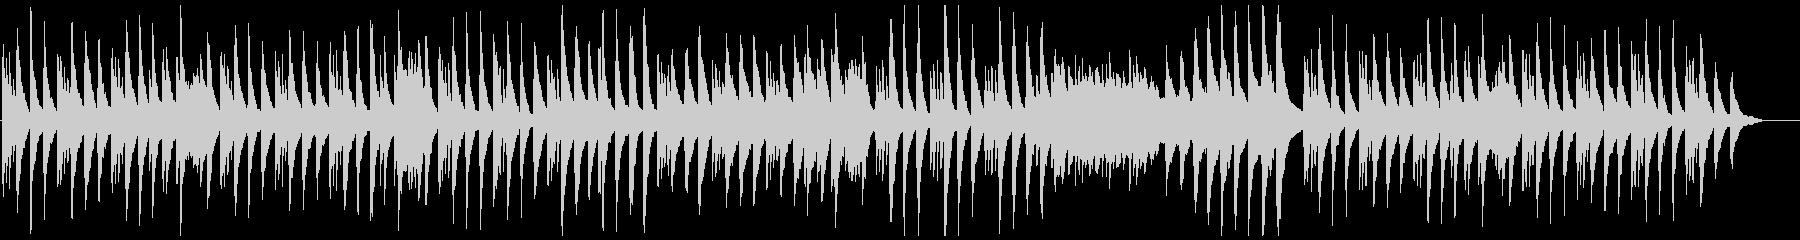 ピアノ、穏やかにカラフルに繰り返す旋律の未再生の波形